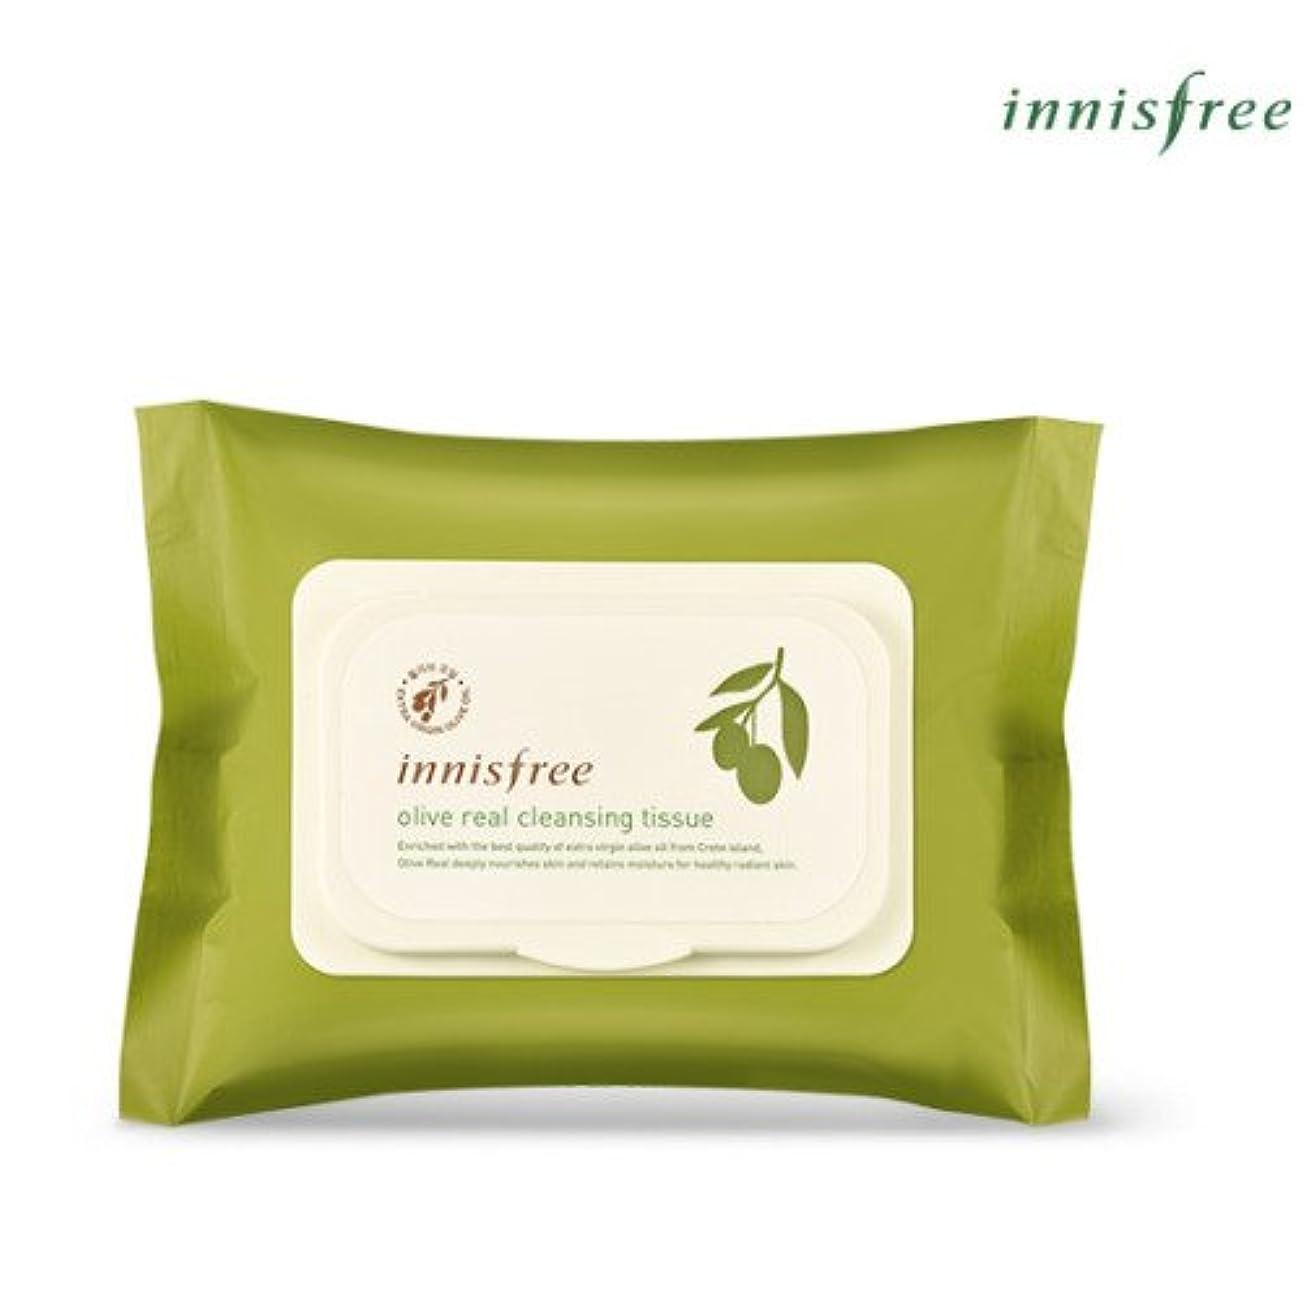 メディカルスロープ二年生[INNISFREE]イニスフリーオリーブリアルクレンジングティッシュ30個入olive real cleansing tissue 30pcs [並行輸入品]